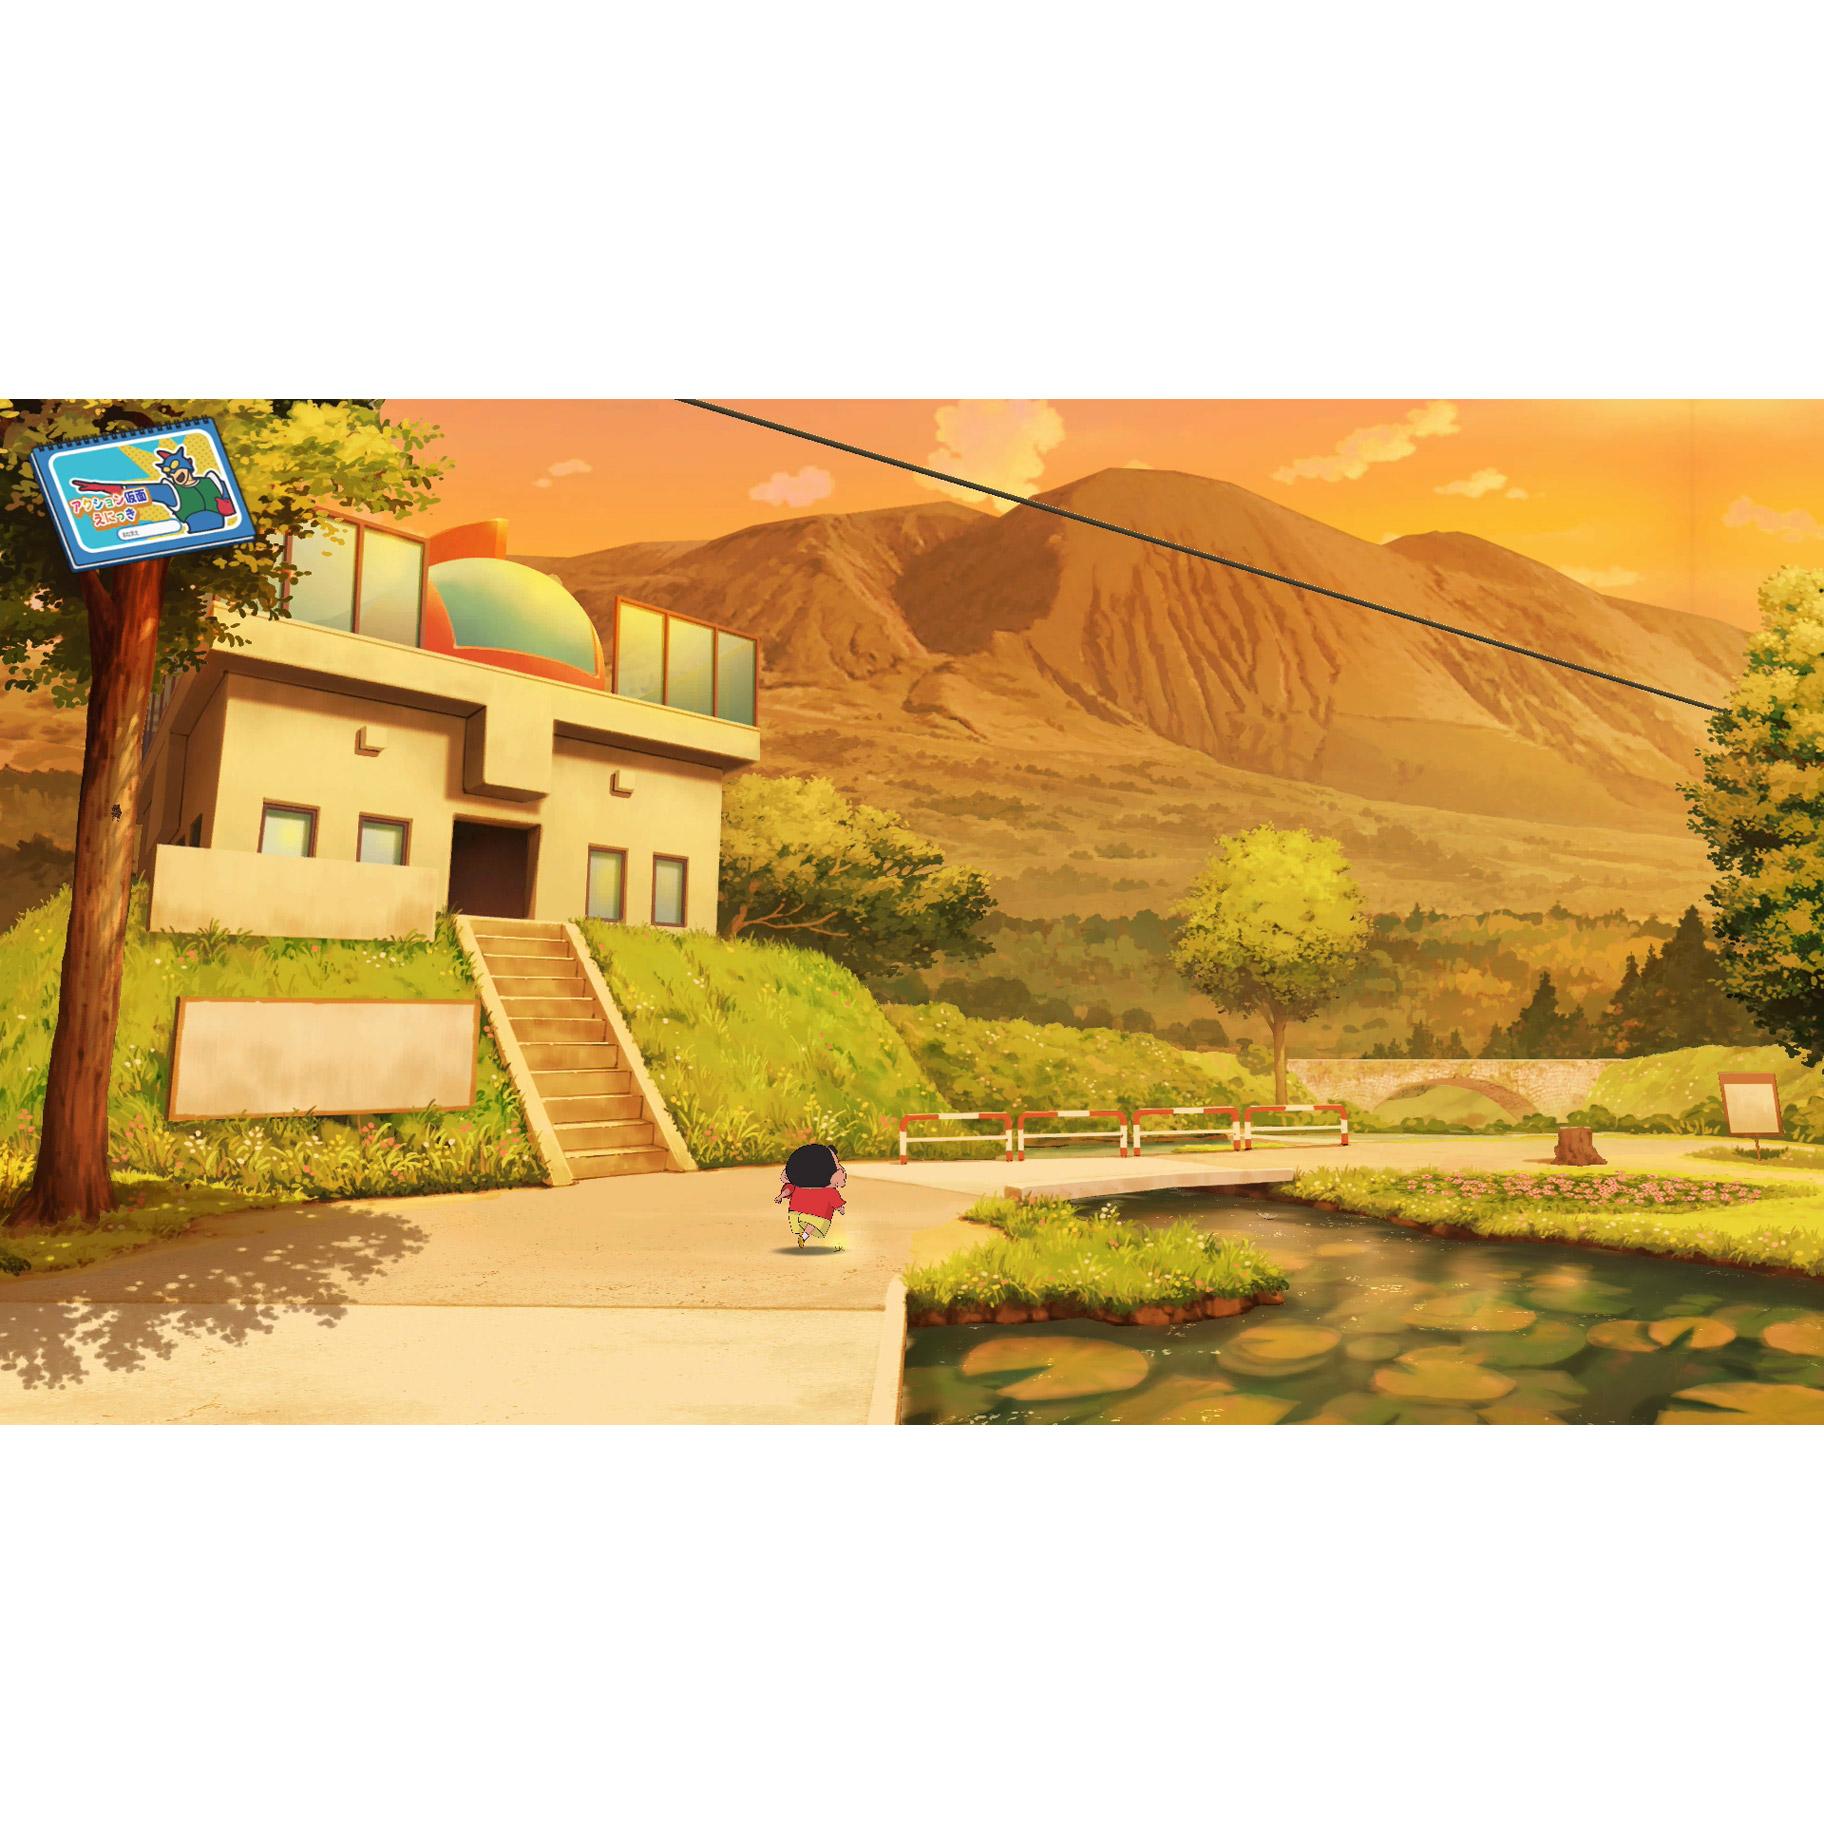 クレヨンしんちゃん『オラと博士の夏休み』〜おわらない七日間の旅〜 通常版 【Switchゲームソフト】_2